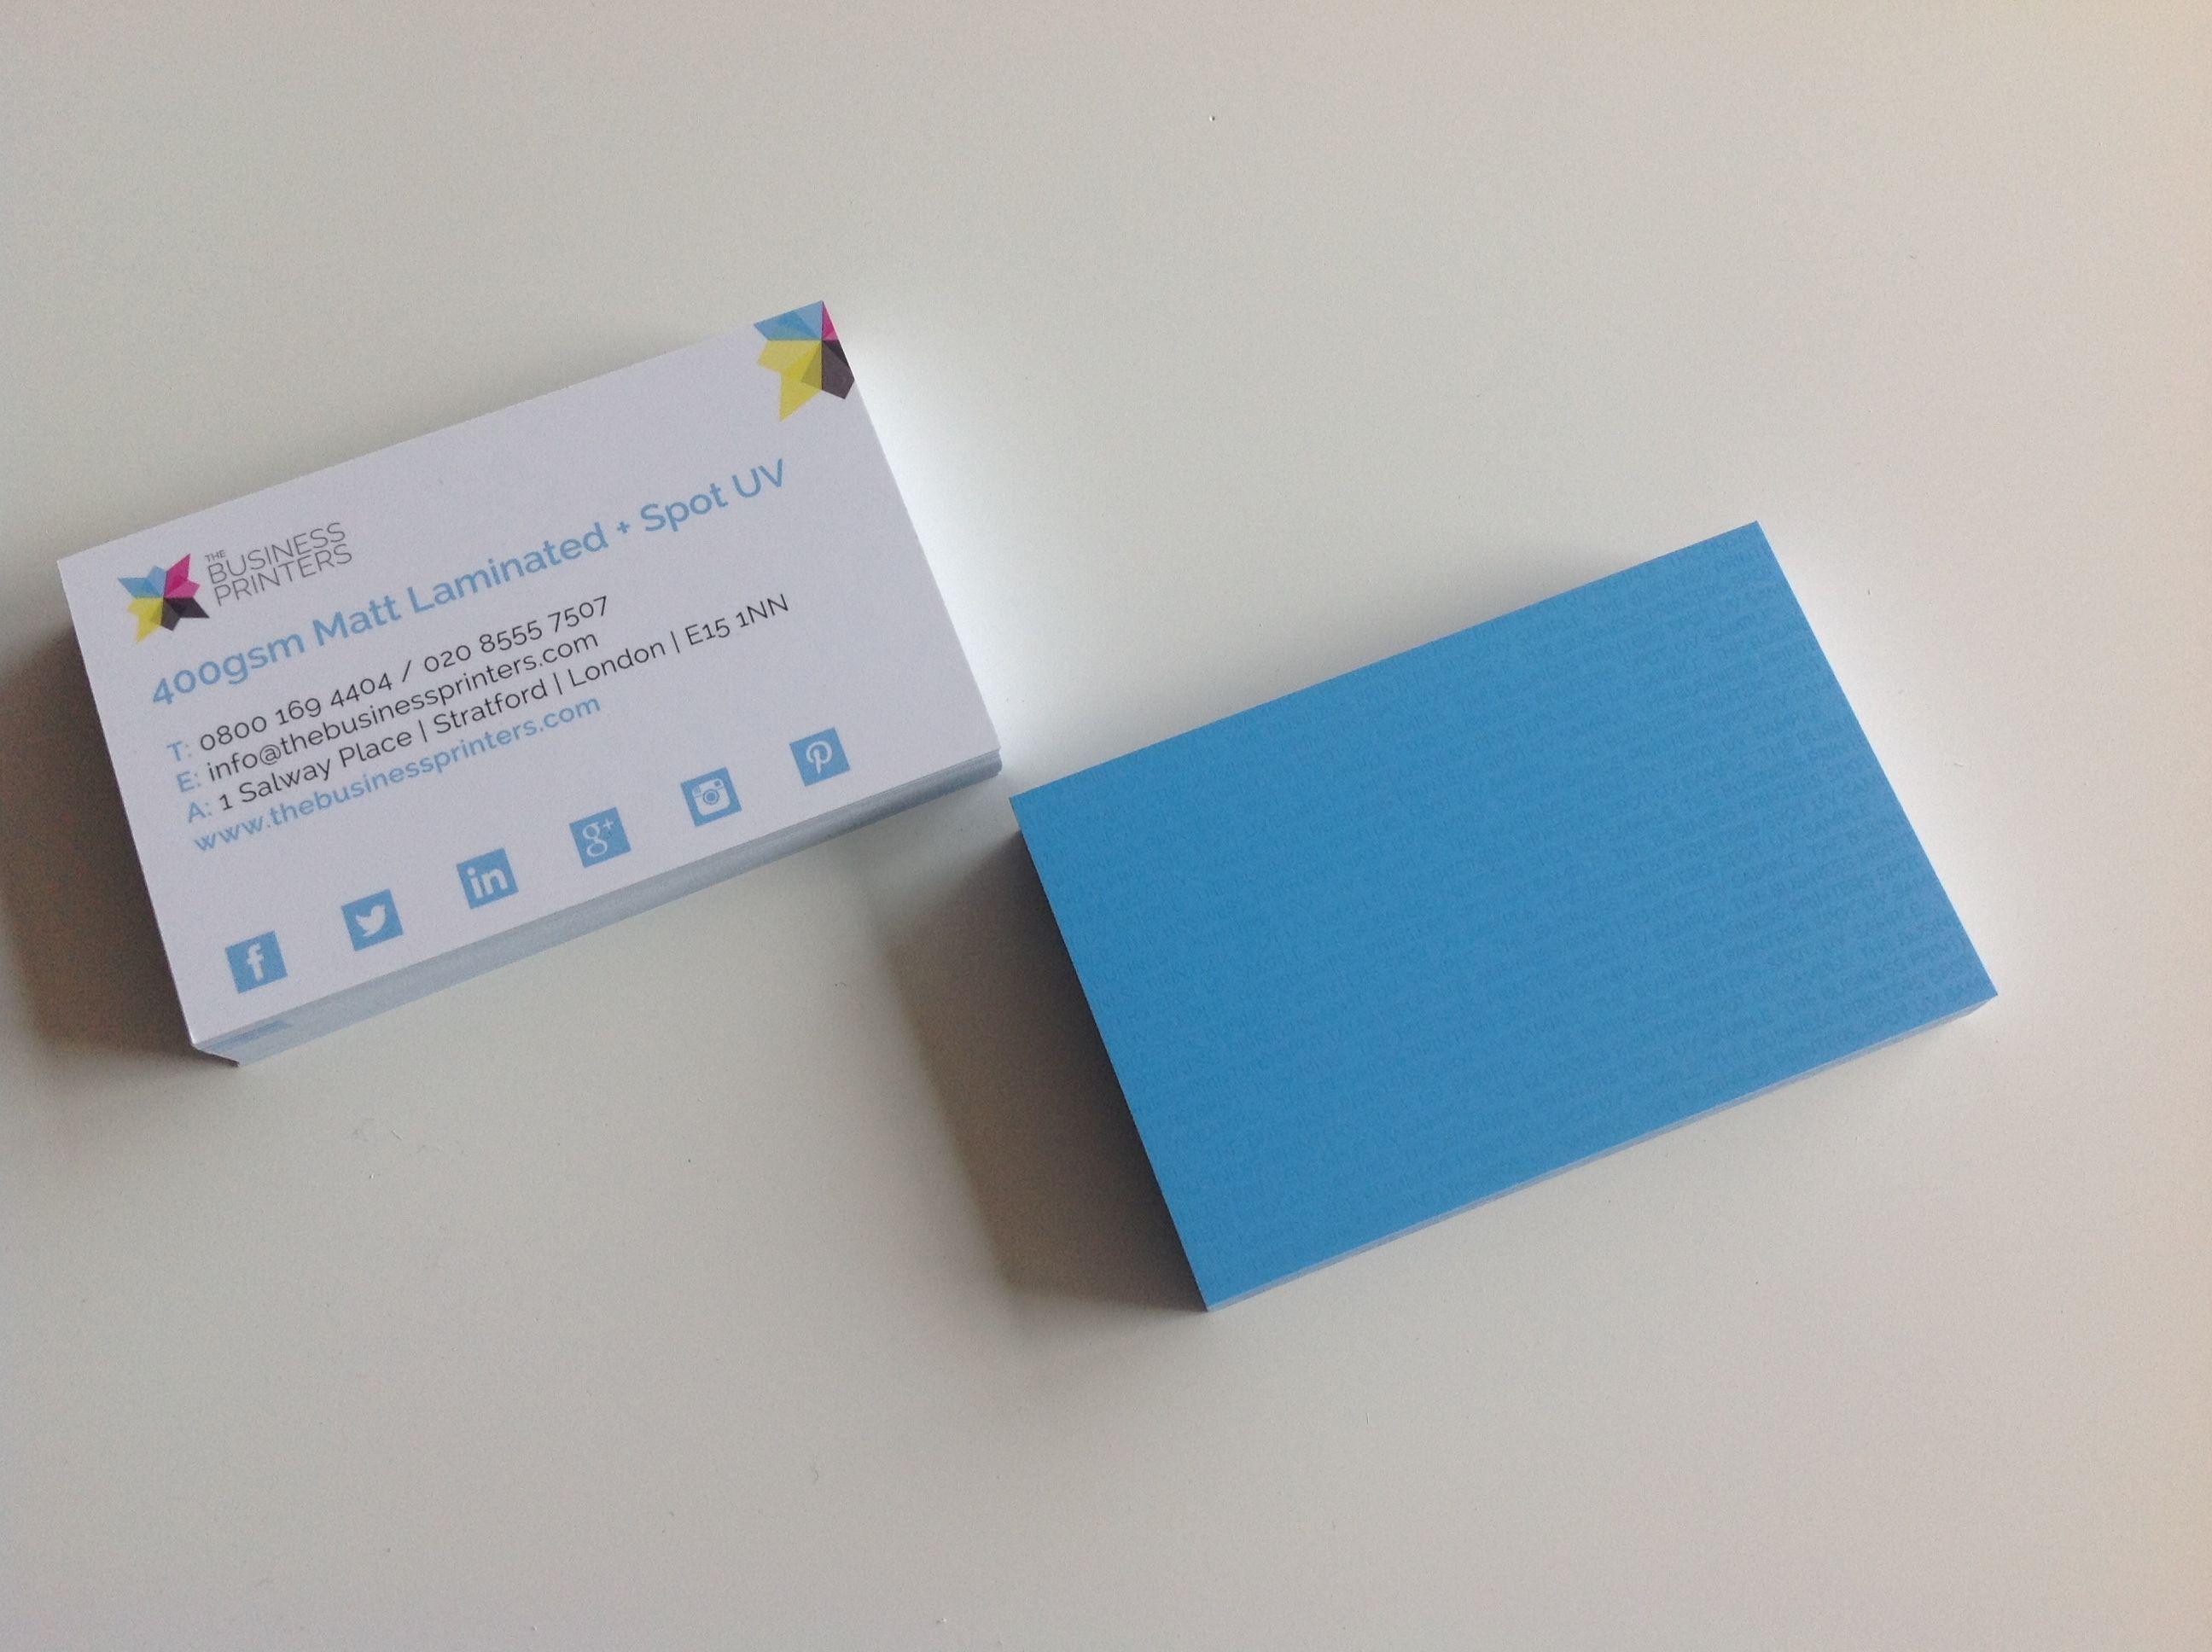 400gsm matt laminate business cards httpsthebusinessprinters 400gsm matt laminate business cards httpsthebusinessprintersspot reheart Choice Image